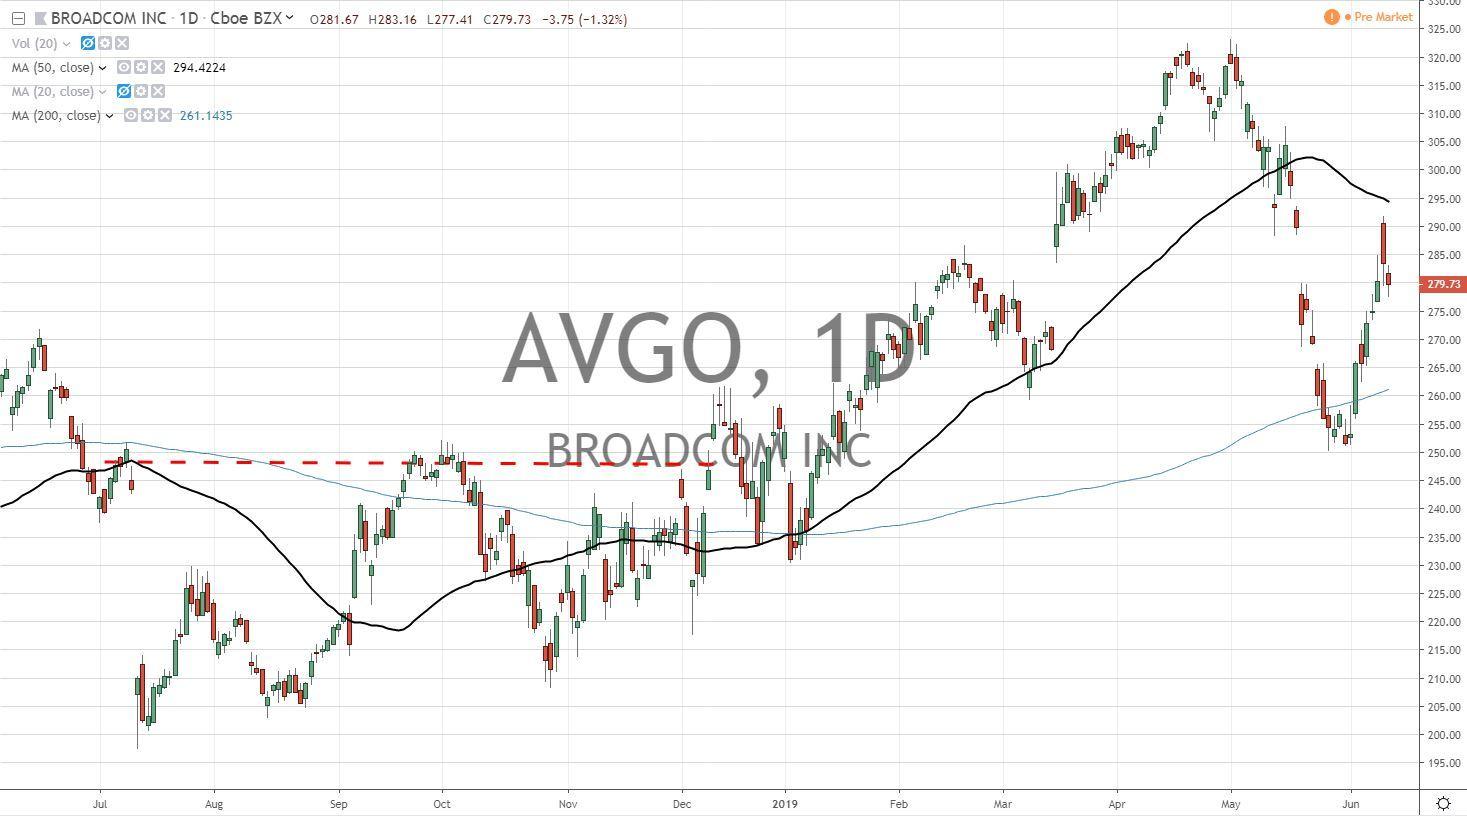 Broadcom Inc AVGO Earnings Report 6 13 19 | SPY ETF Update